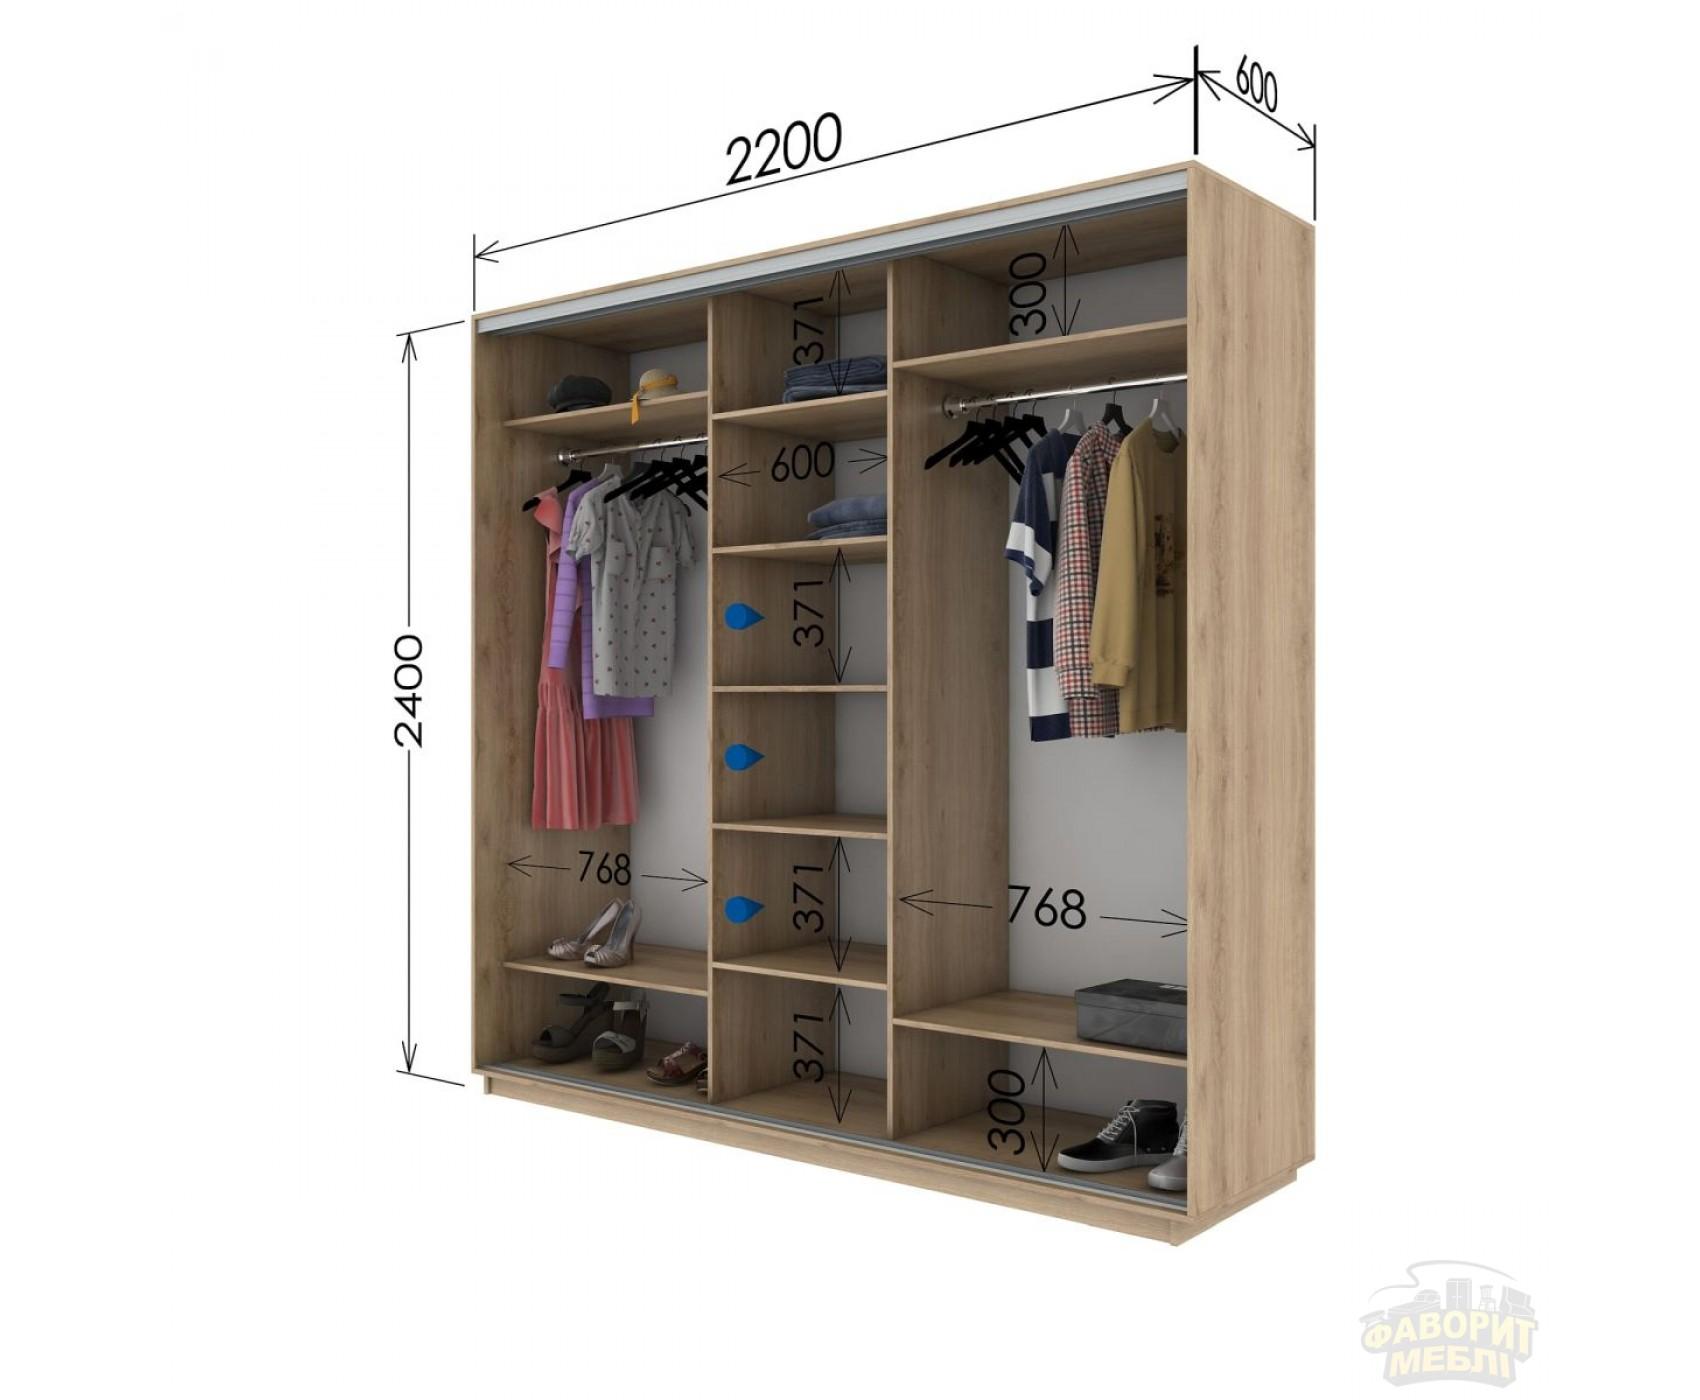 Шкаф купе 3 двери 220х60х240 см